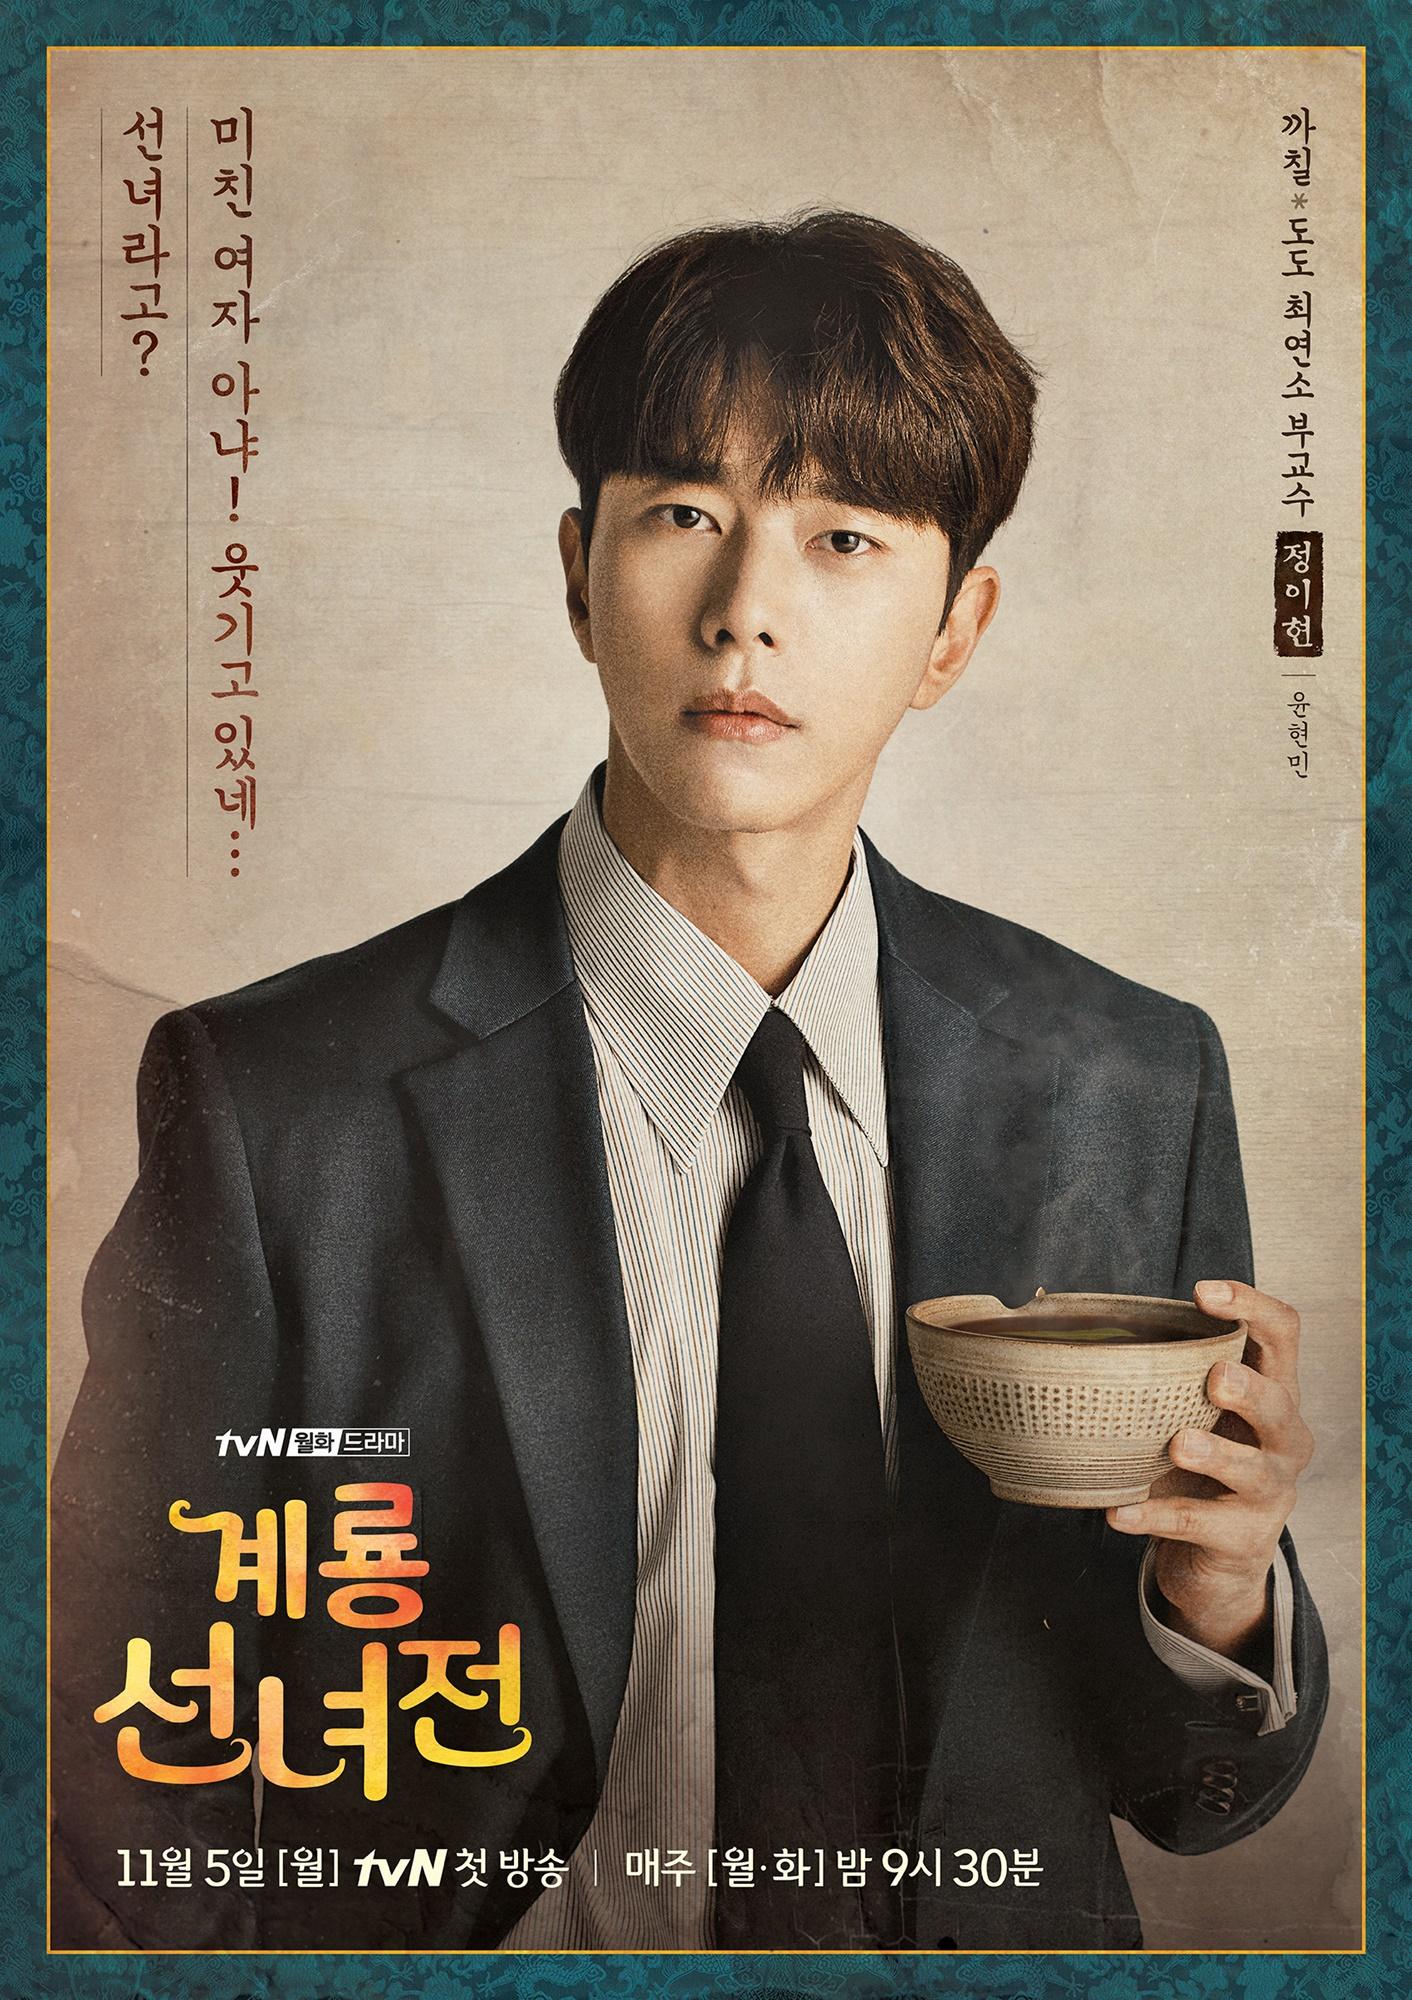 181015 - (3) tvN [계룡선녀전] 캐릭터 포스터로 먼저 만나는 계룡선녀전!.jpg